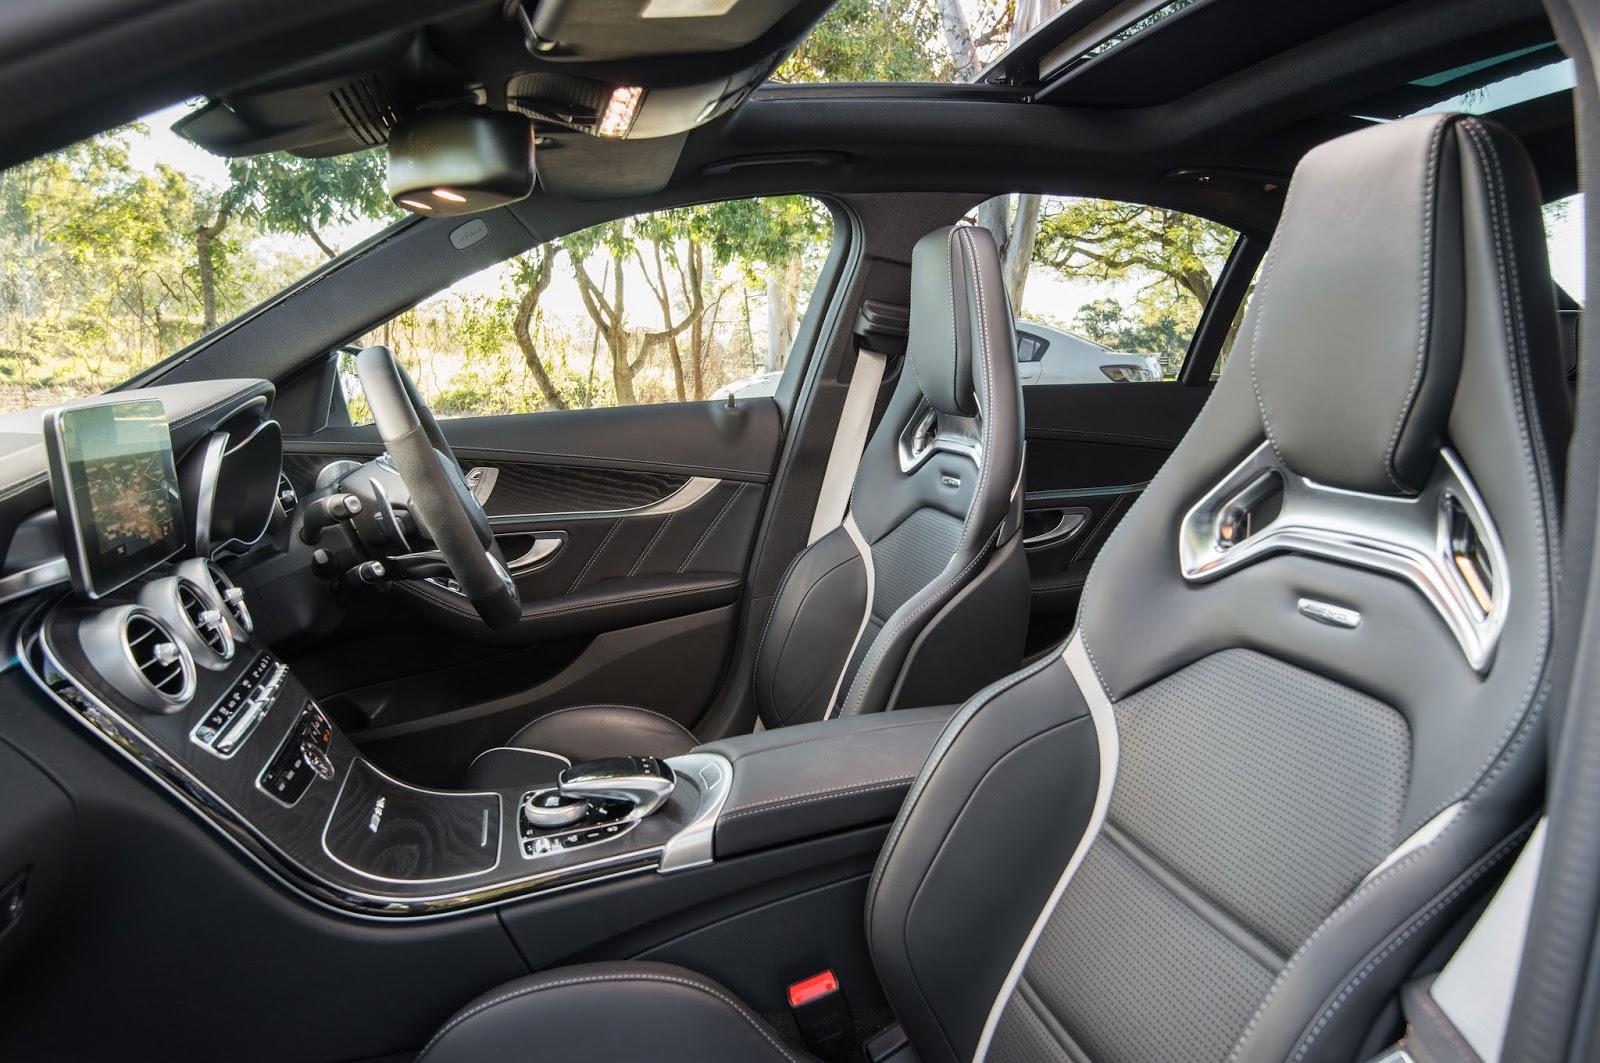 Khoang lái của xe quá cá tính, như ngồi trong siêu xe, xe có cửa sổ trời, ghế bọc da Nappa